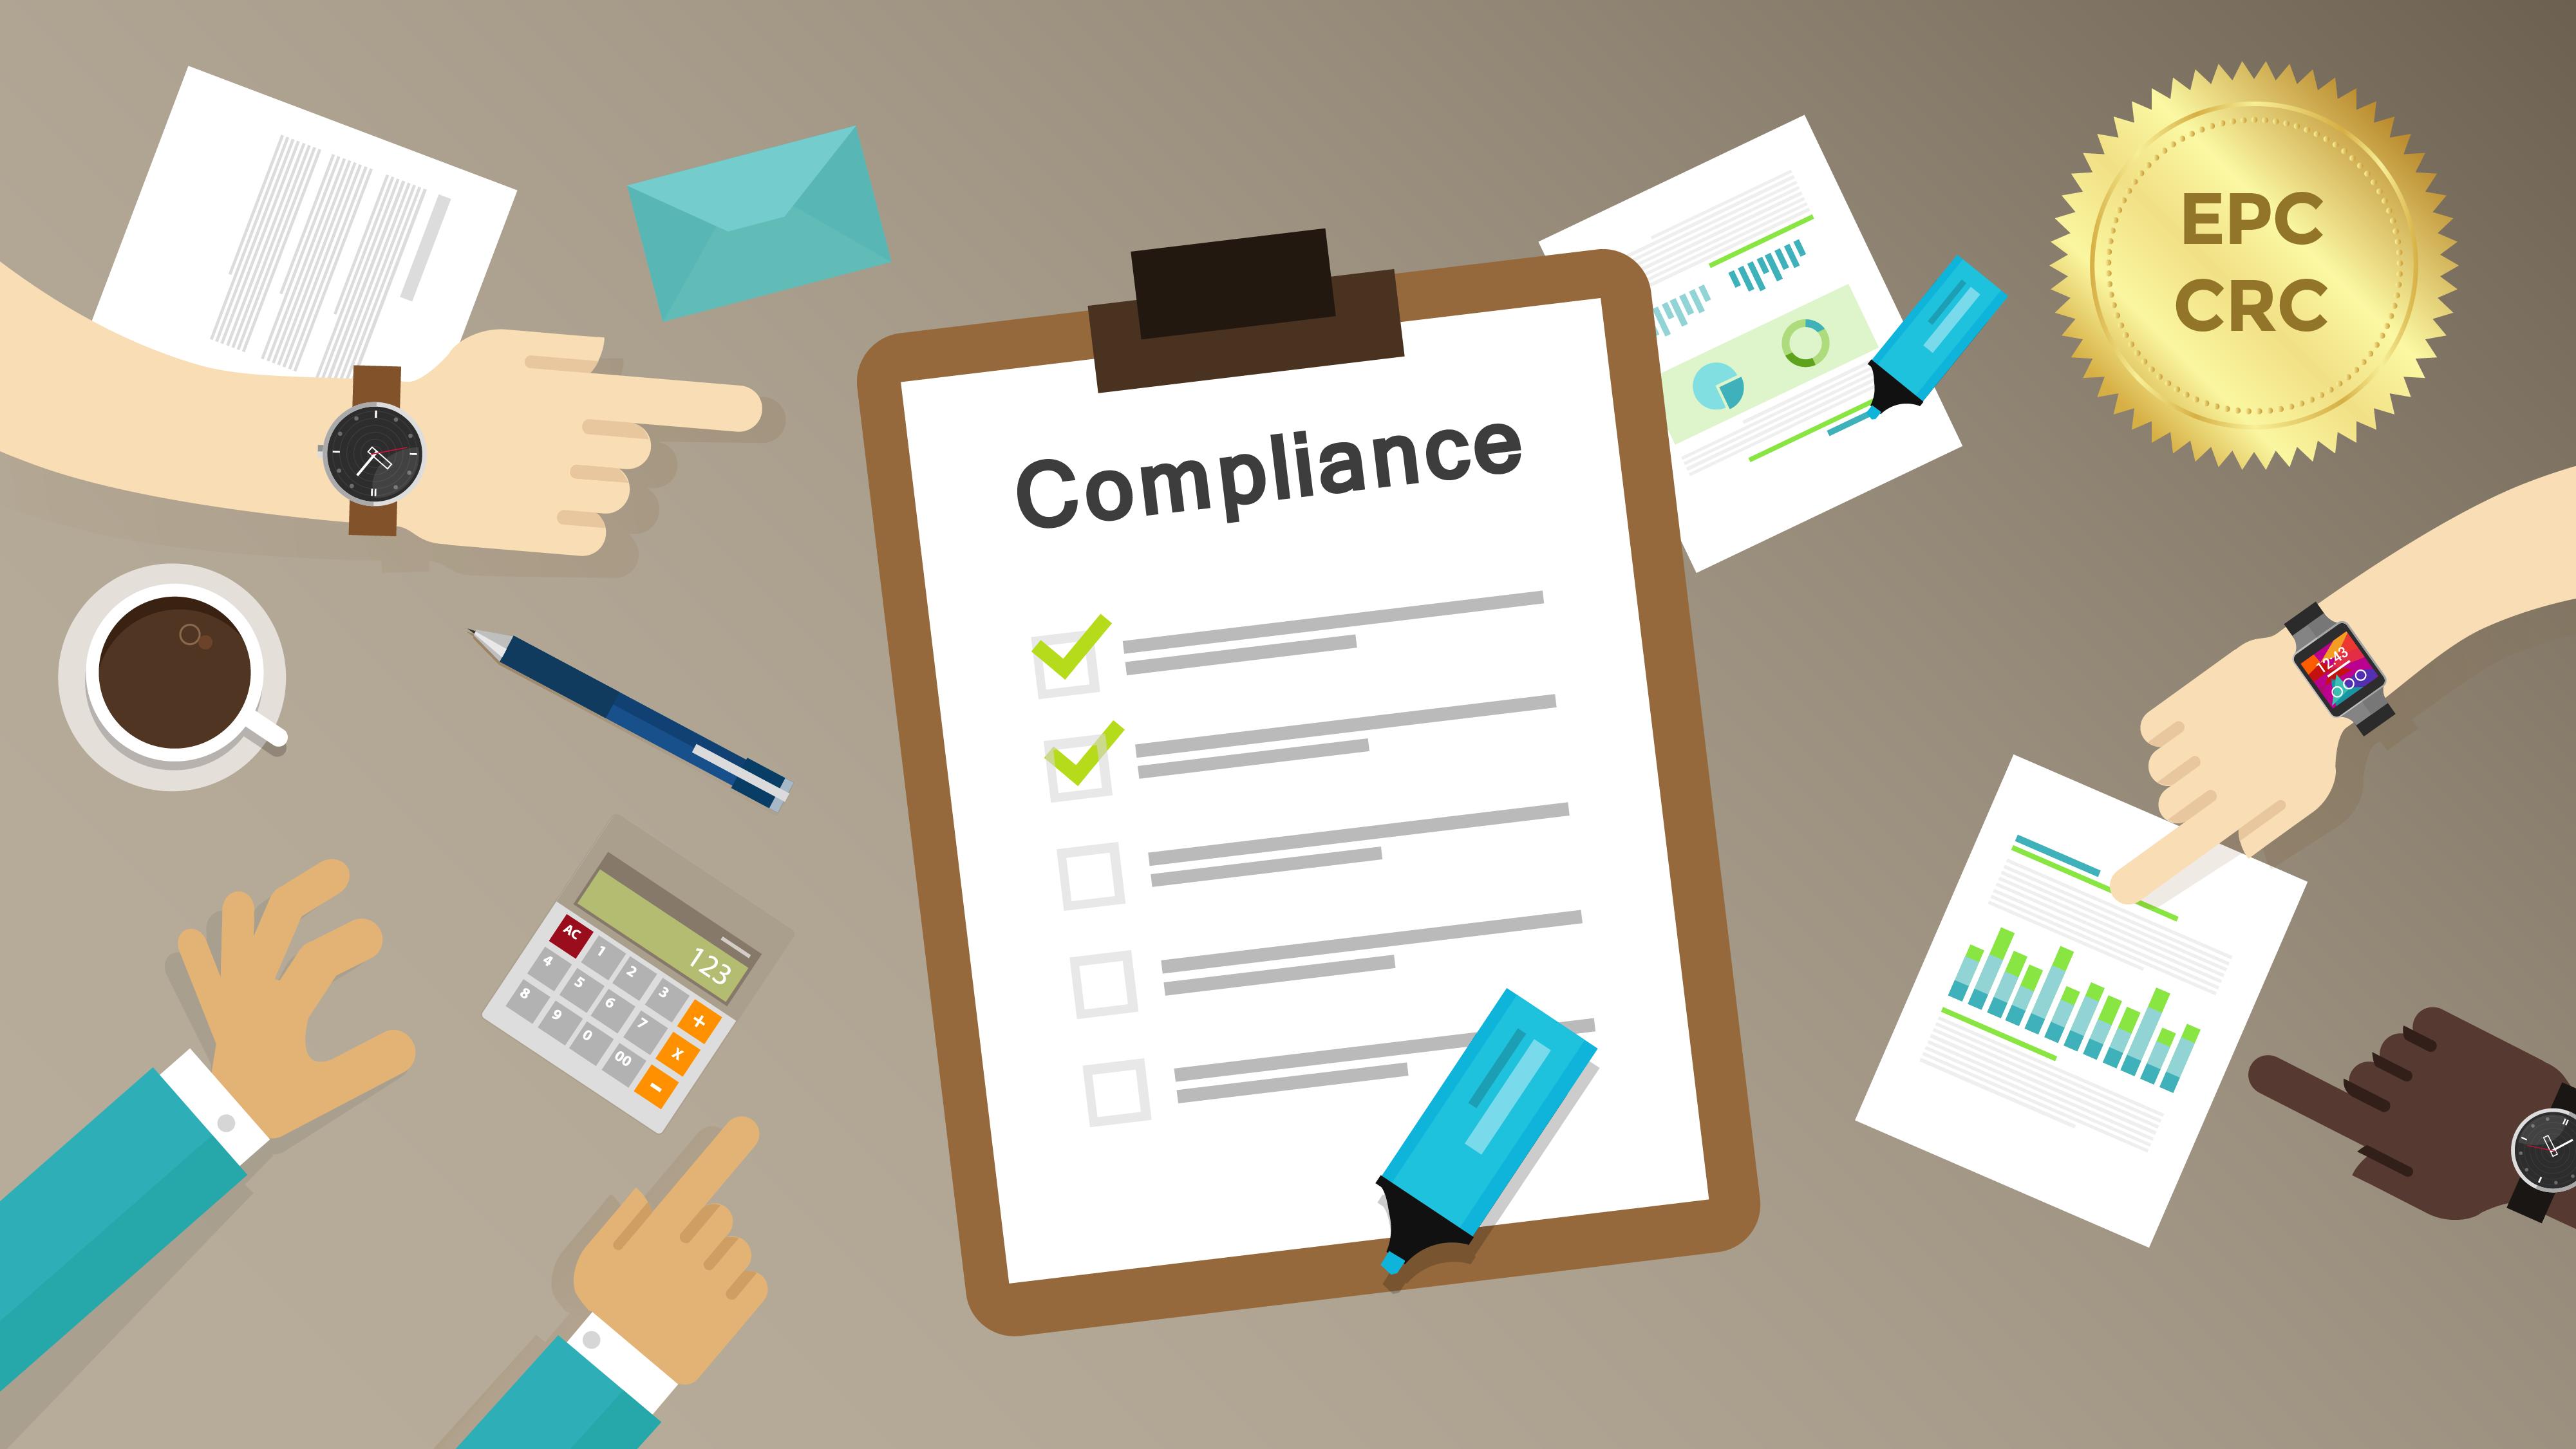 Airton grazzioli compliance crc card plataforma selo